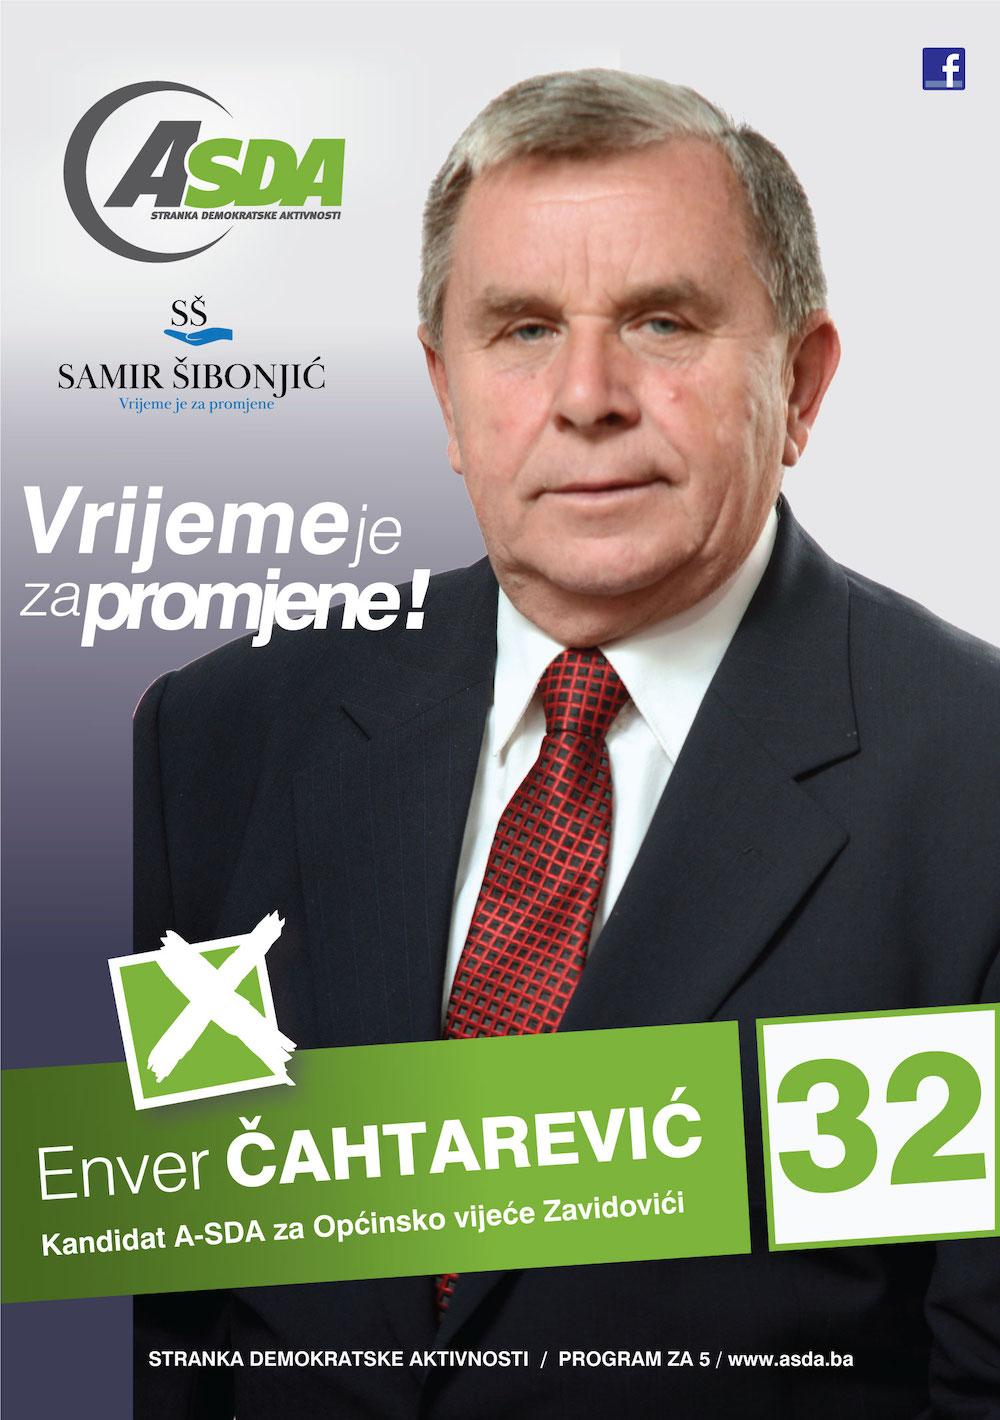 Enver Čahtarević